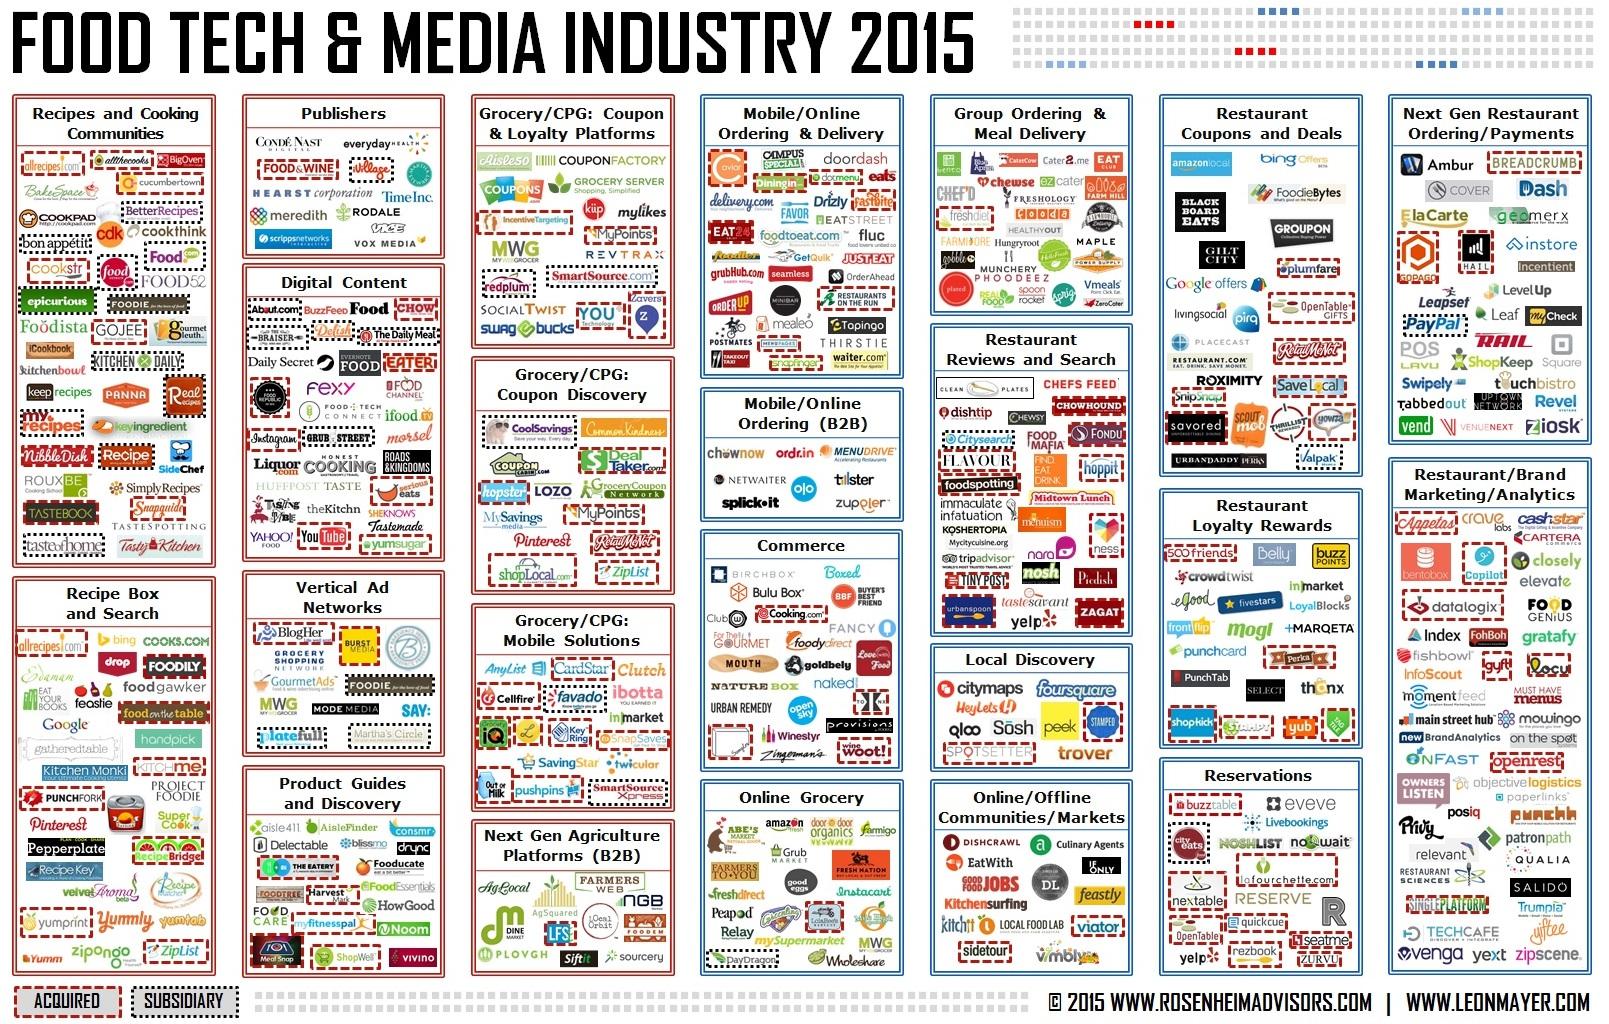 Media consolidation......?